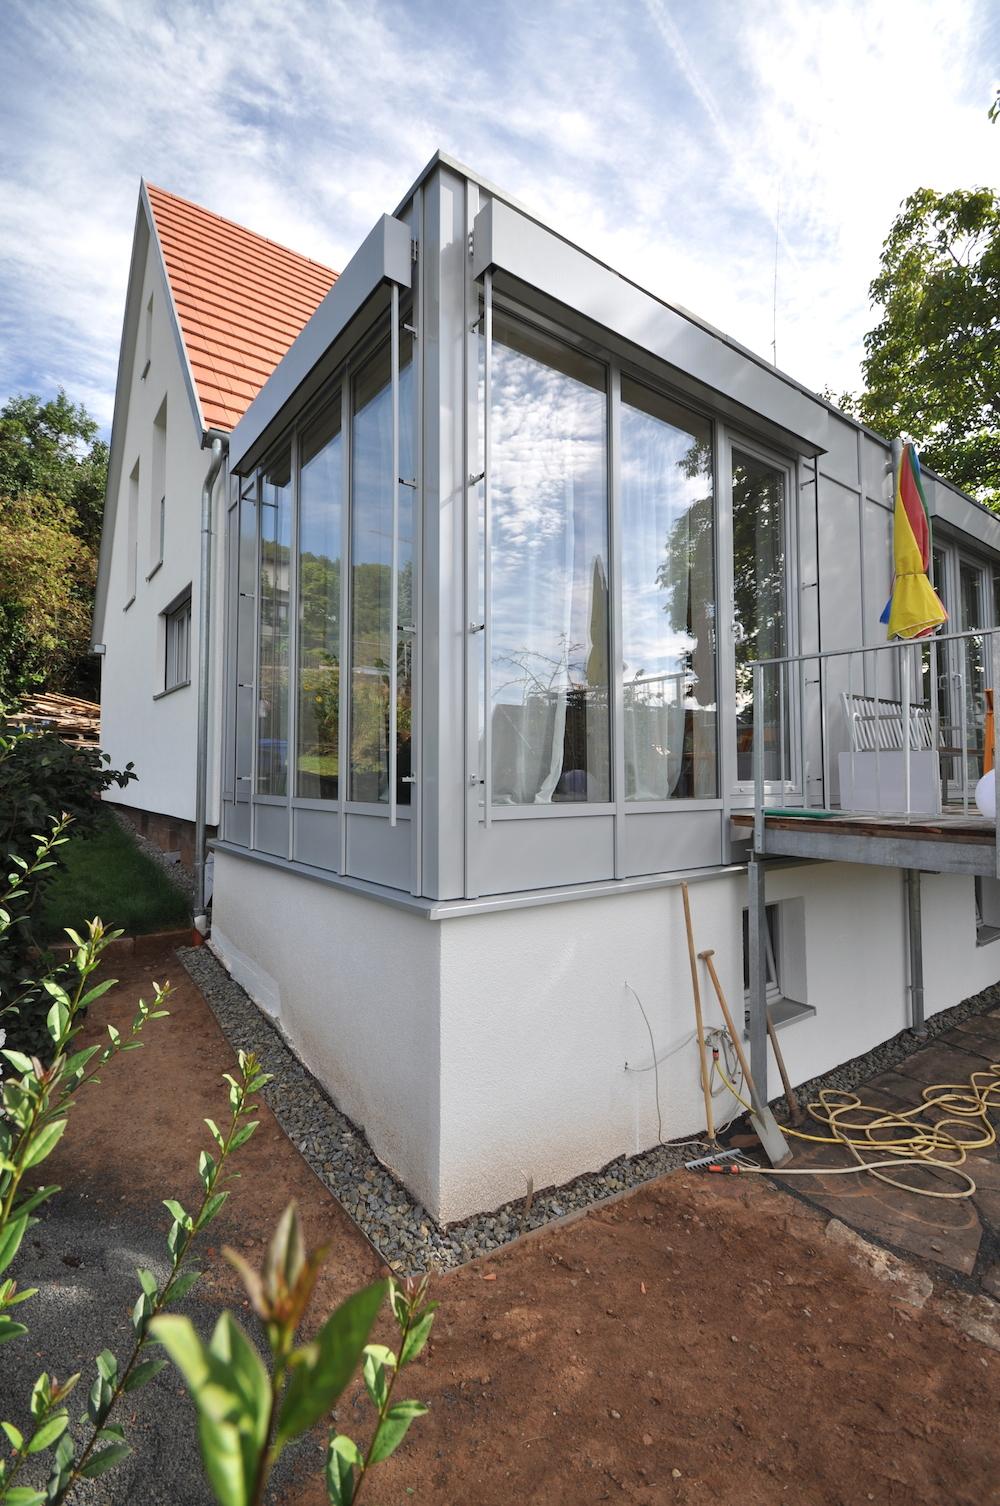 anbau mit wohnraum im modernen anbau mit glasdach with anbau mit kosten anbau haus bau net. Black Bedroom Furniture Sets. Home Design Ideas